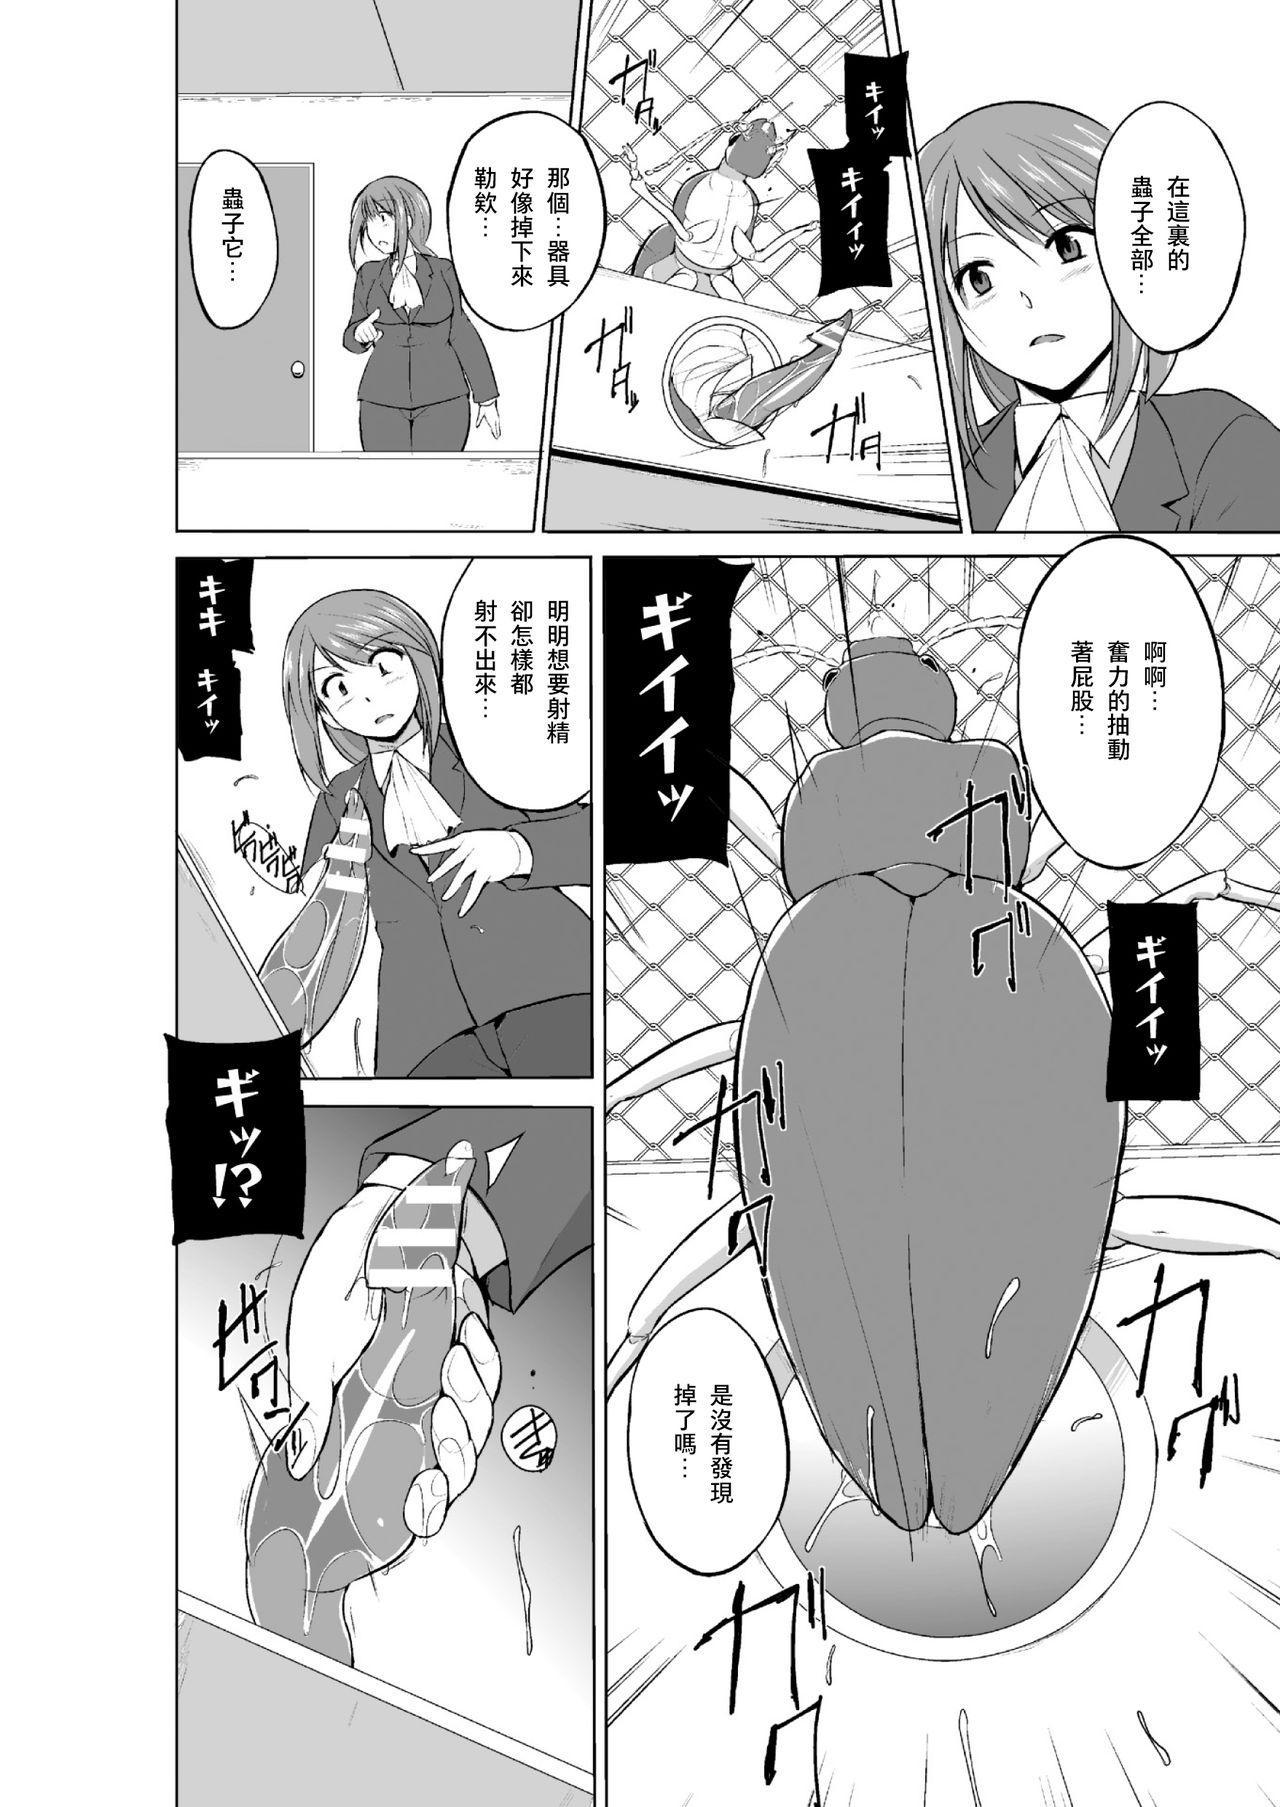 Mushi Asobi 2 Ch. 4 7